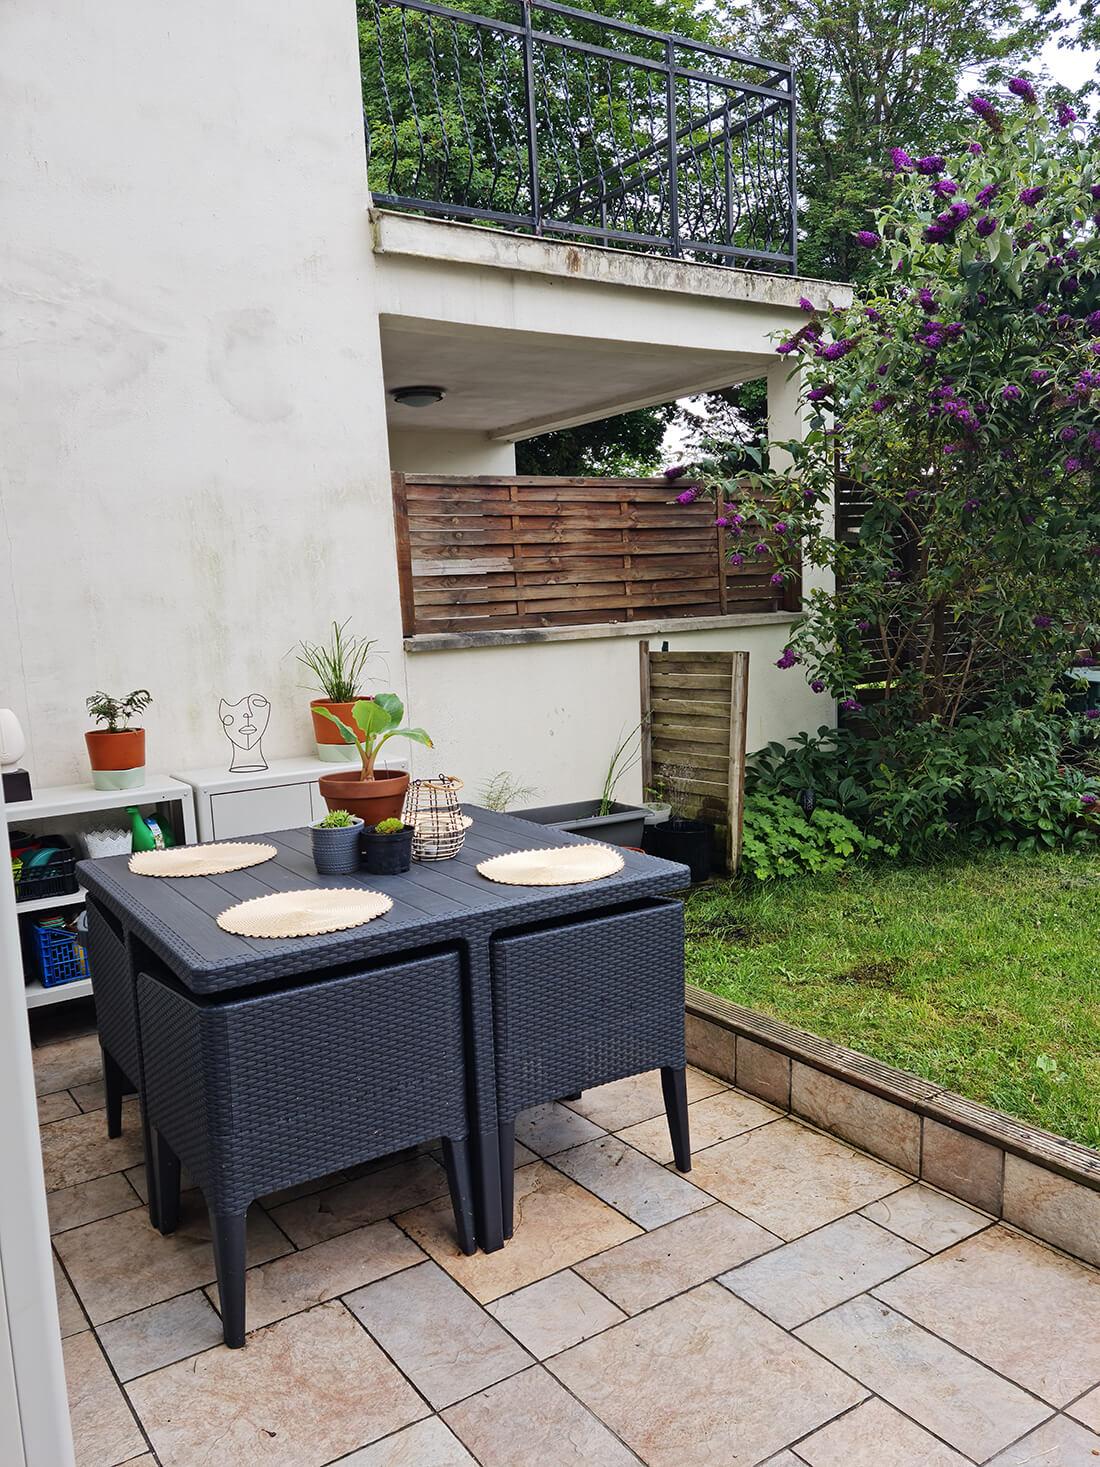 20210701 114800 2 - Garden tour : le résultat et la visite privée de mon jardin après relooking